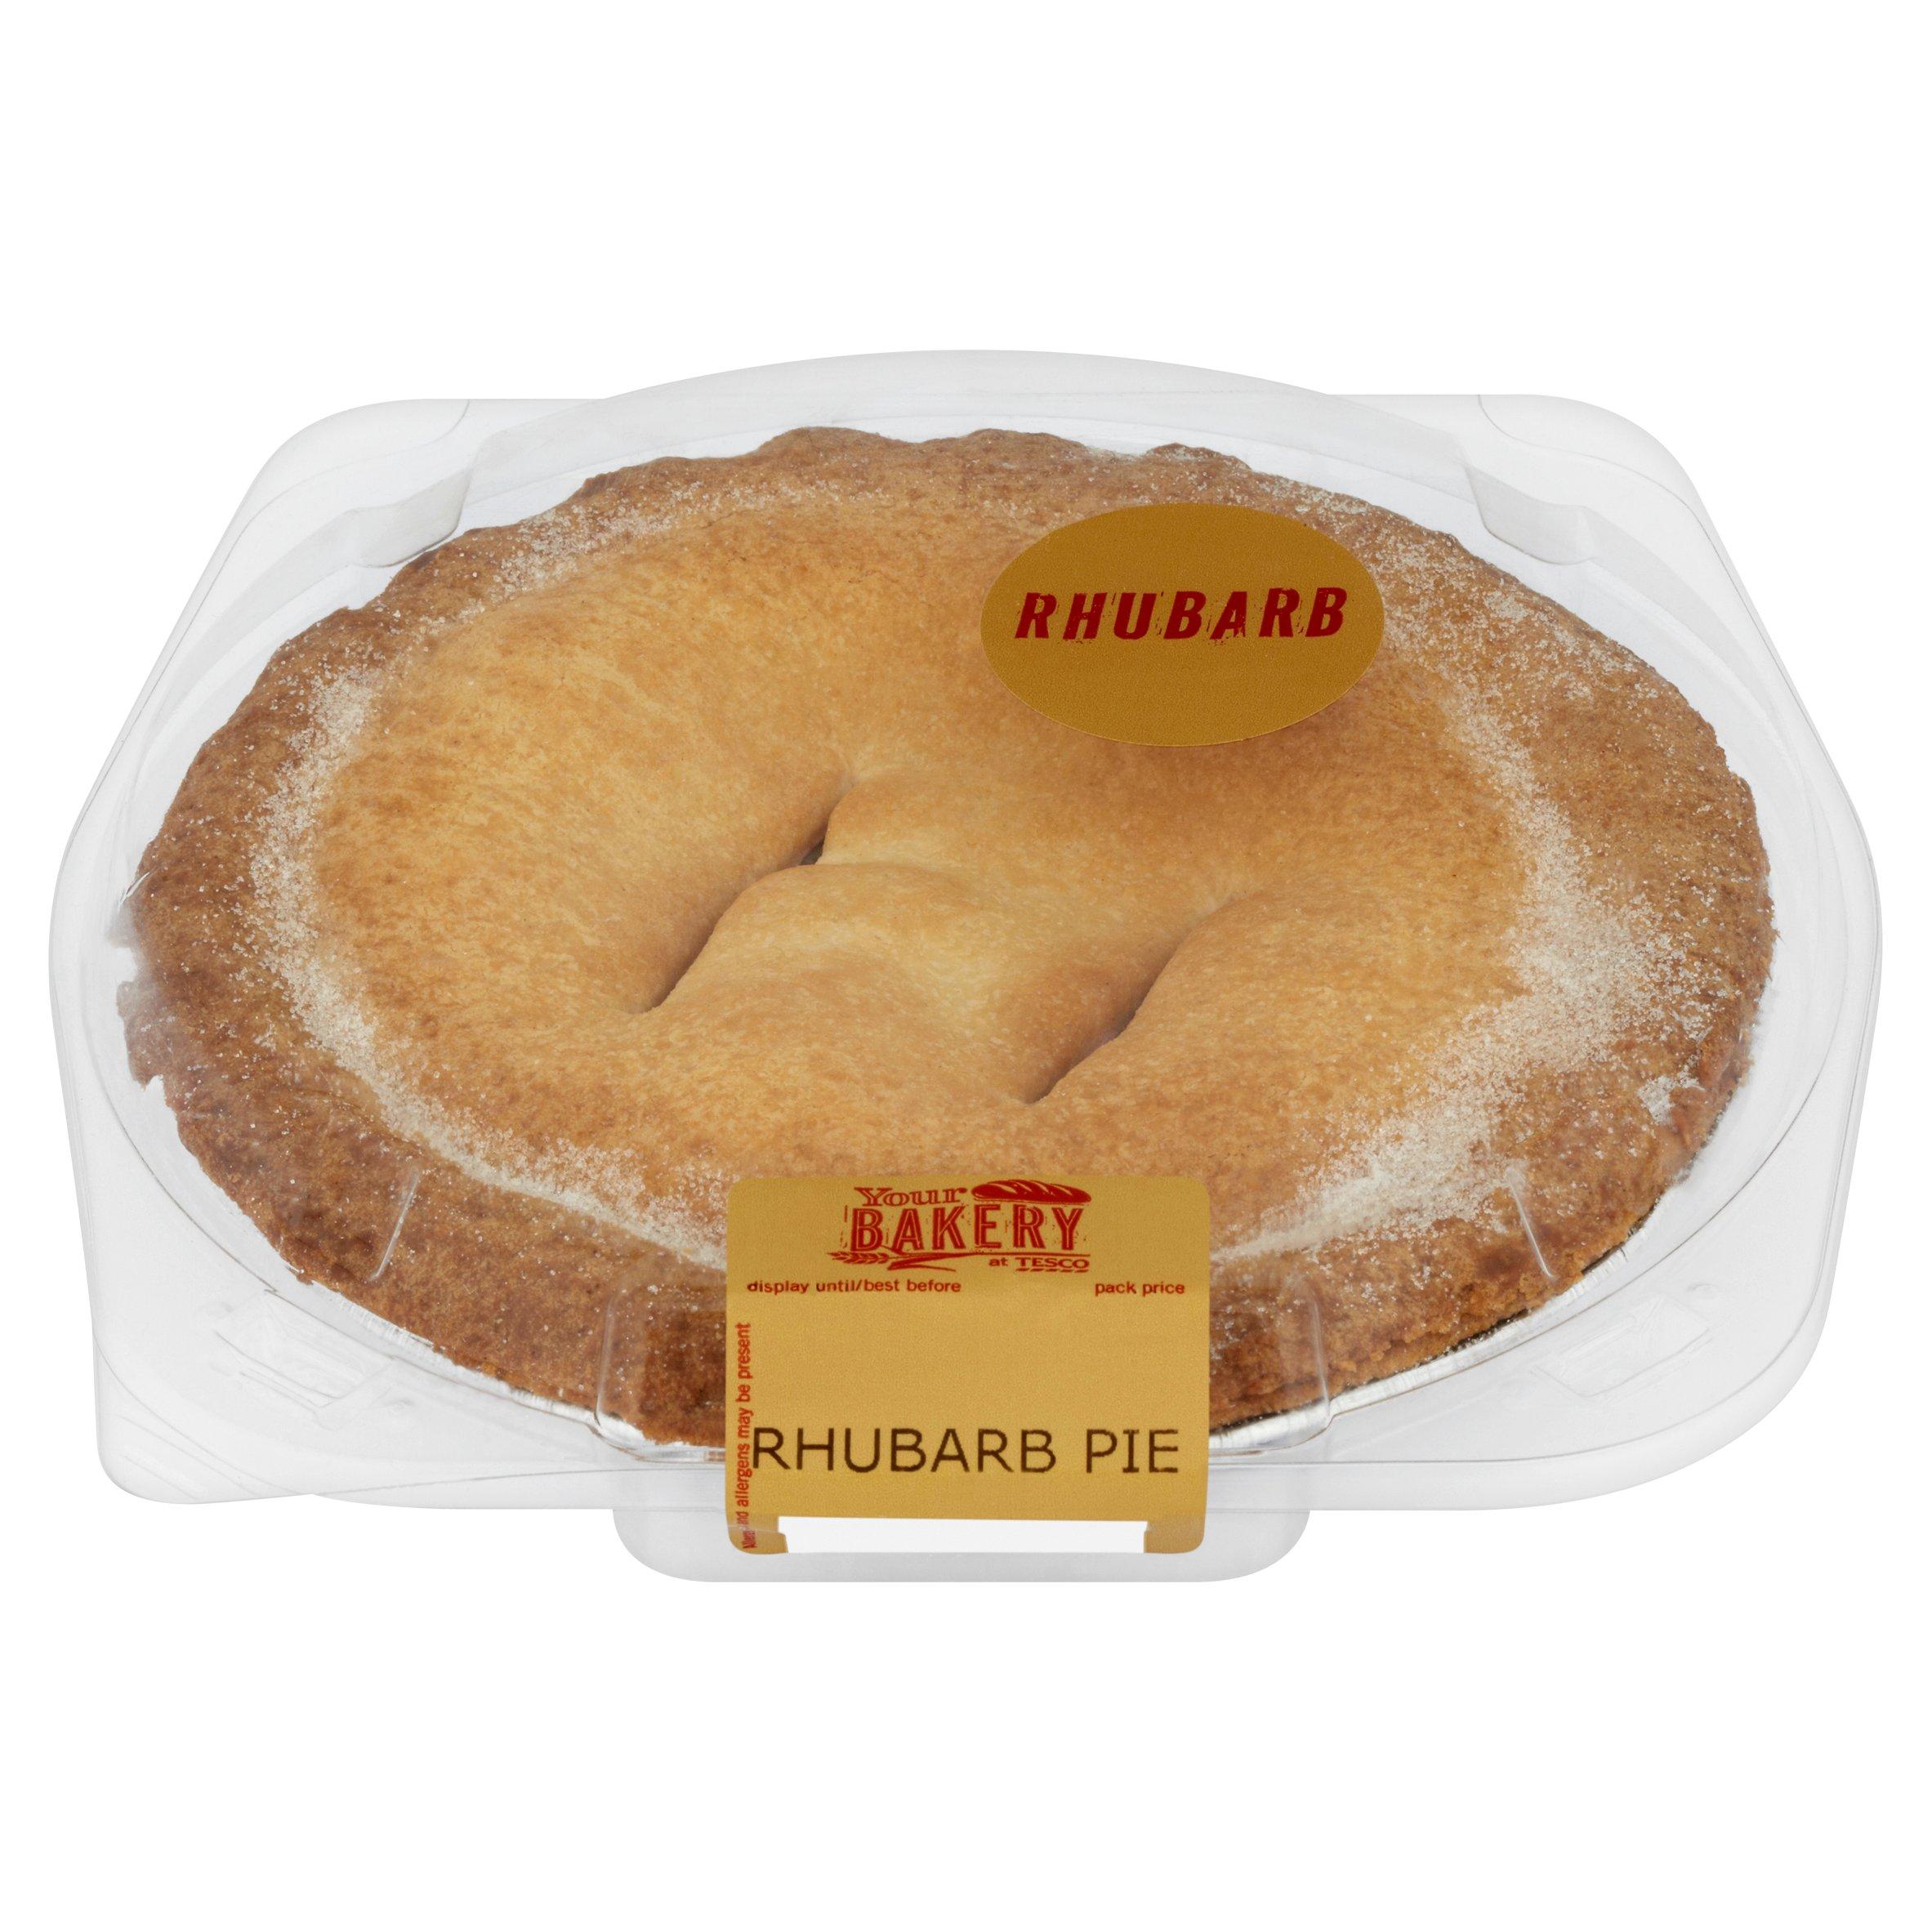 Tesco Rhubarb Pie Each